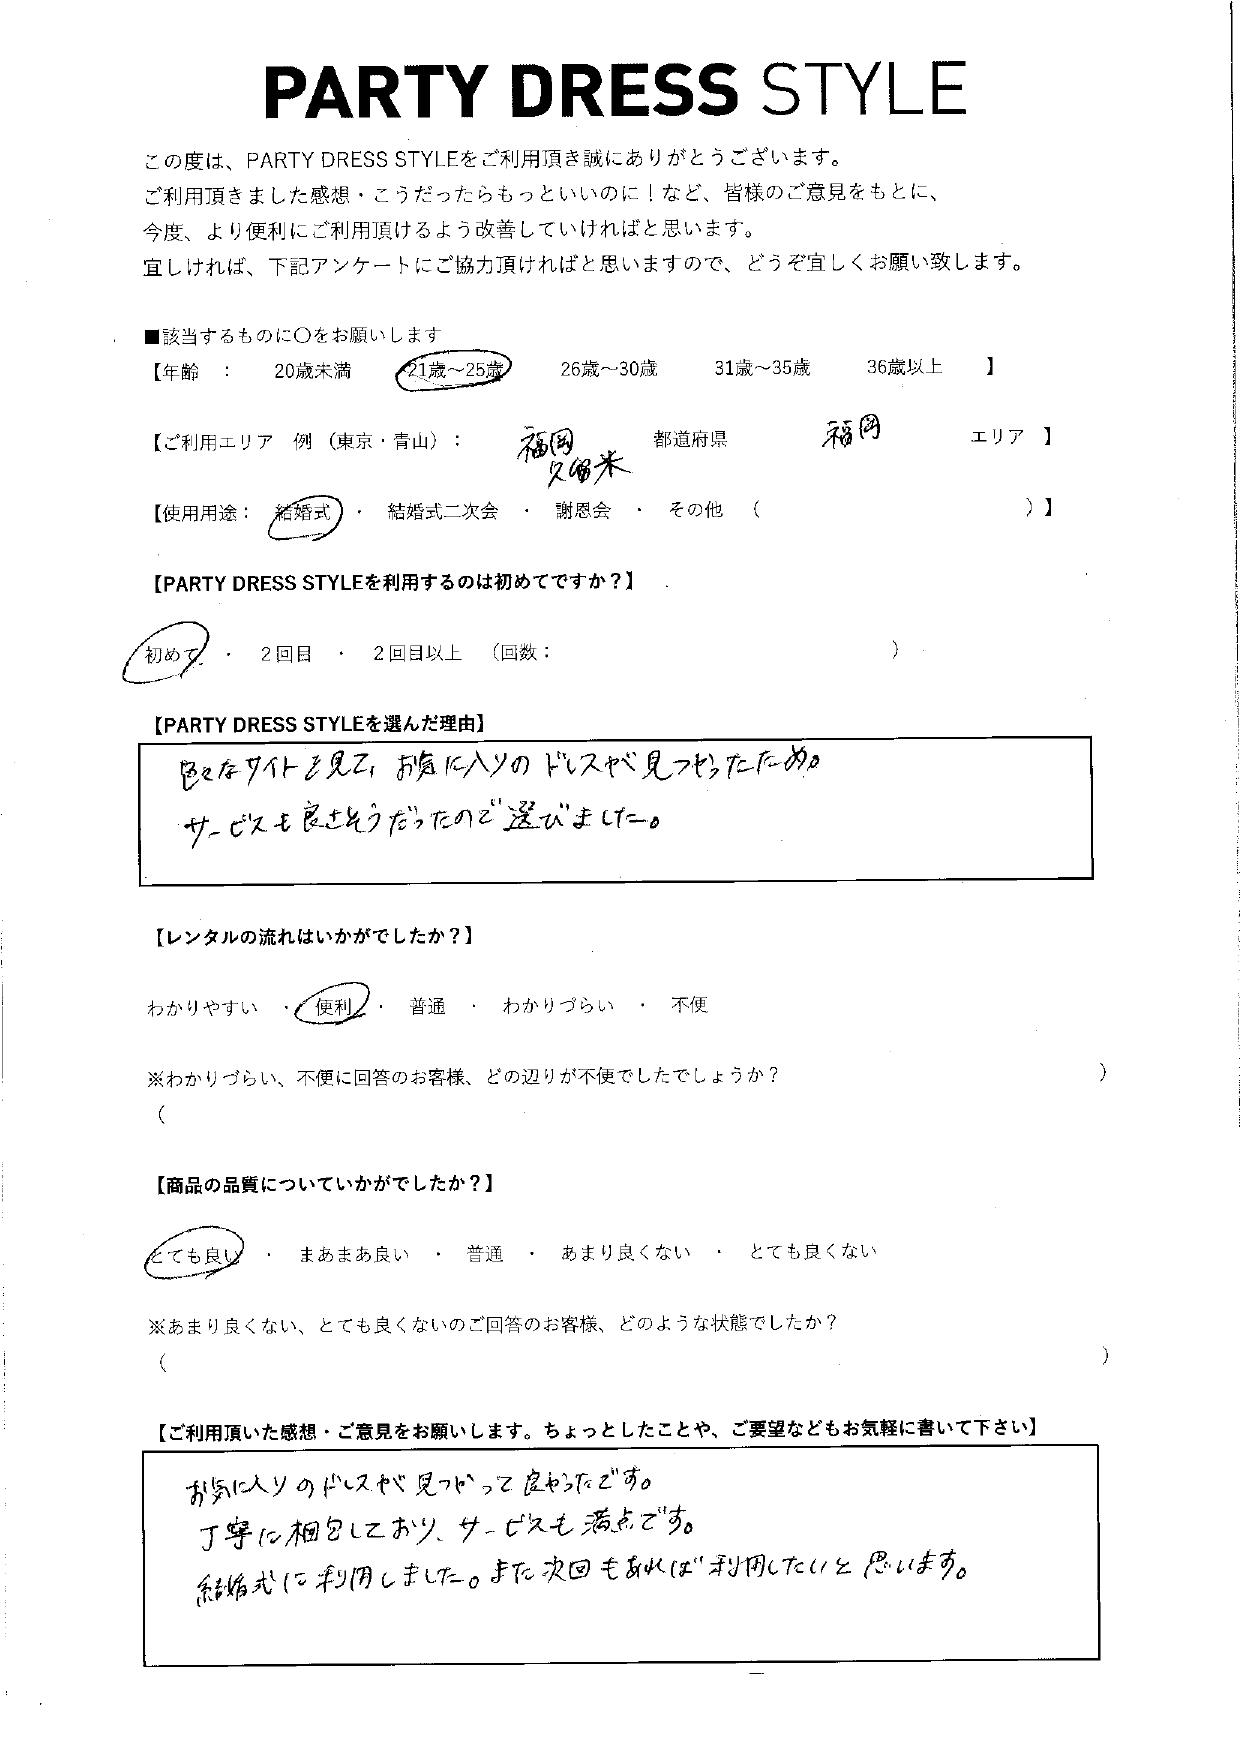 12/21結婚式ご利用 福岡・久留米エリア